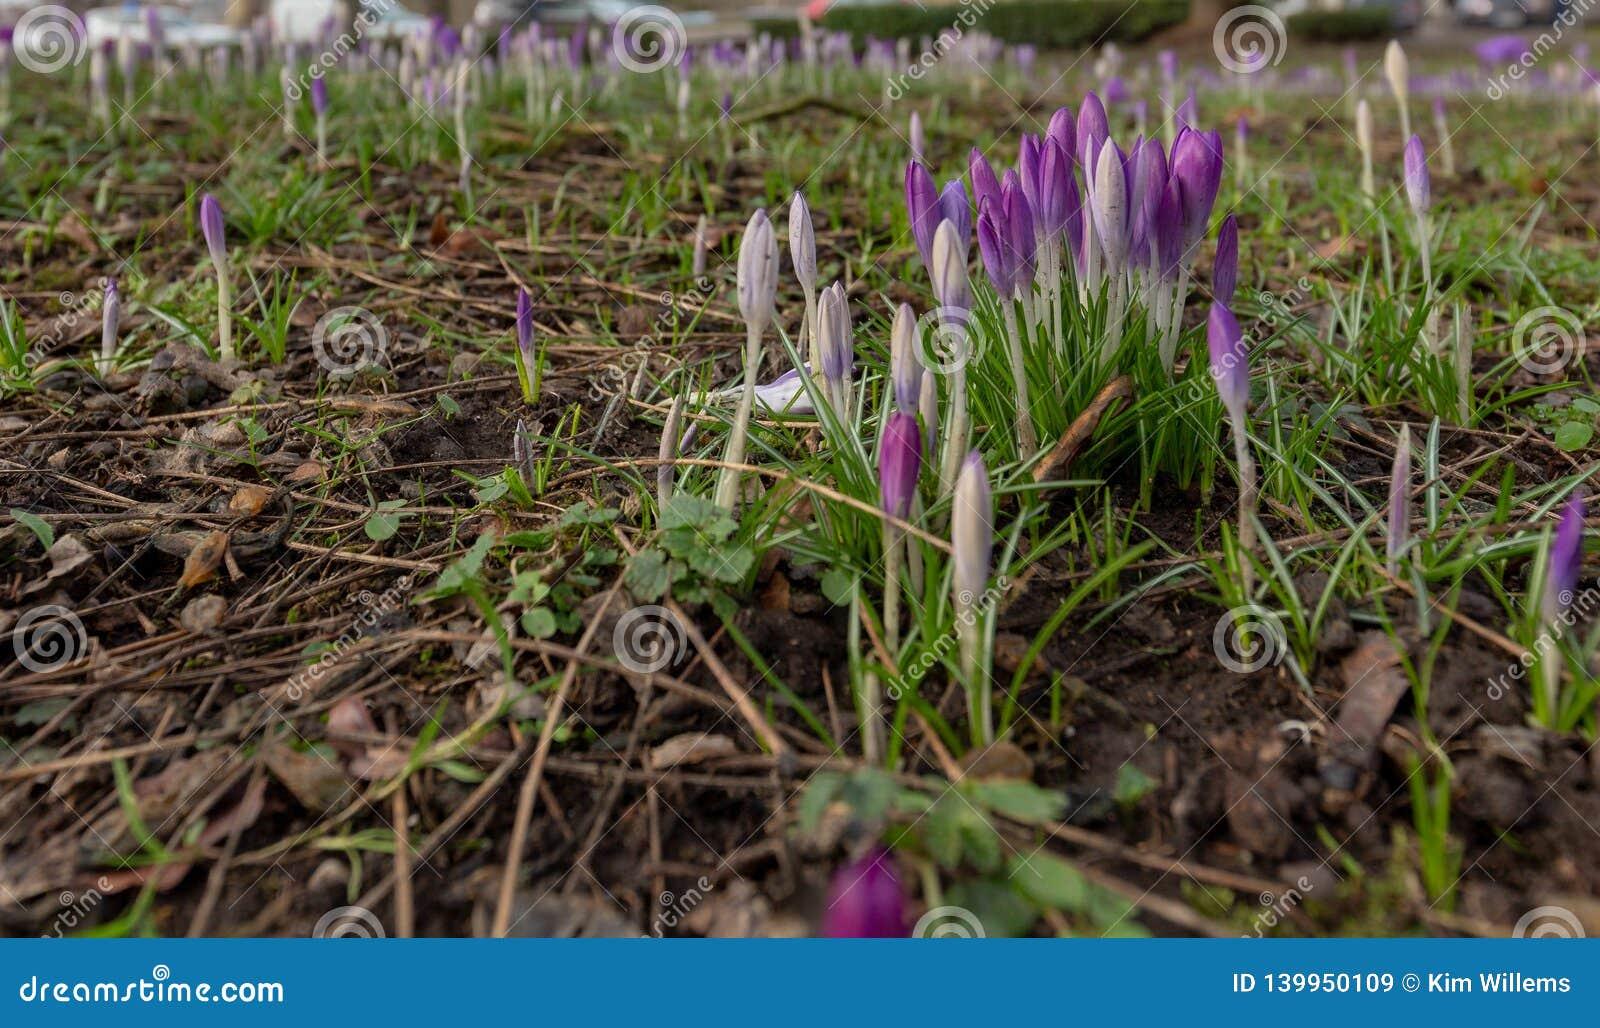 La primavera è indietro con i nuovi fiori della lampadina che escono